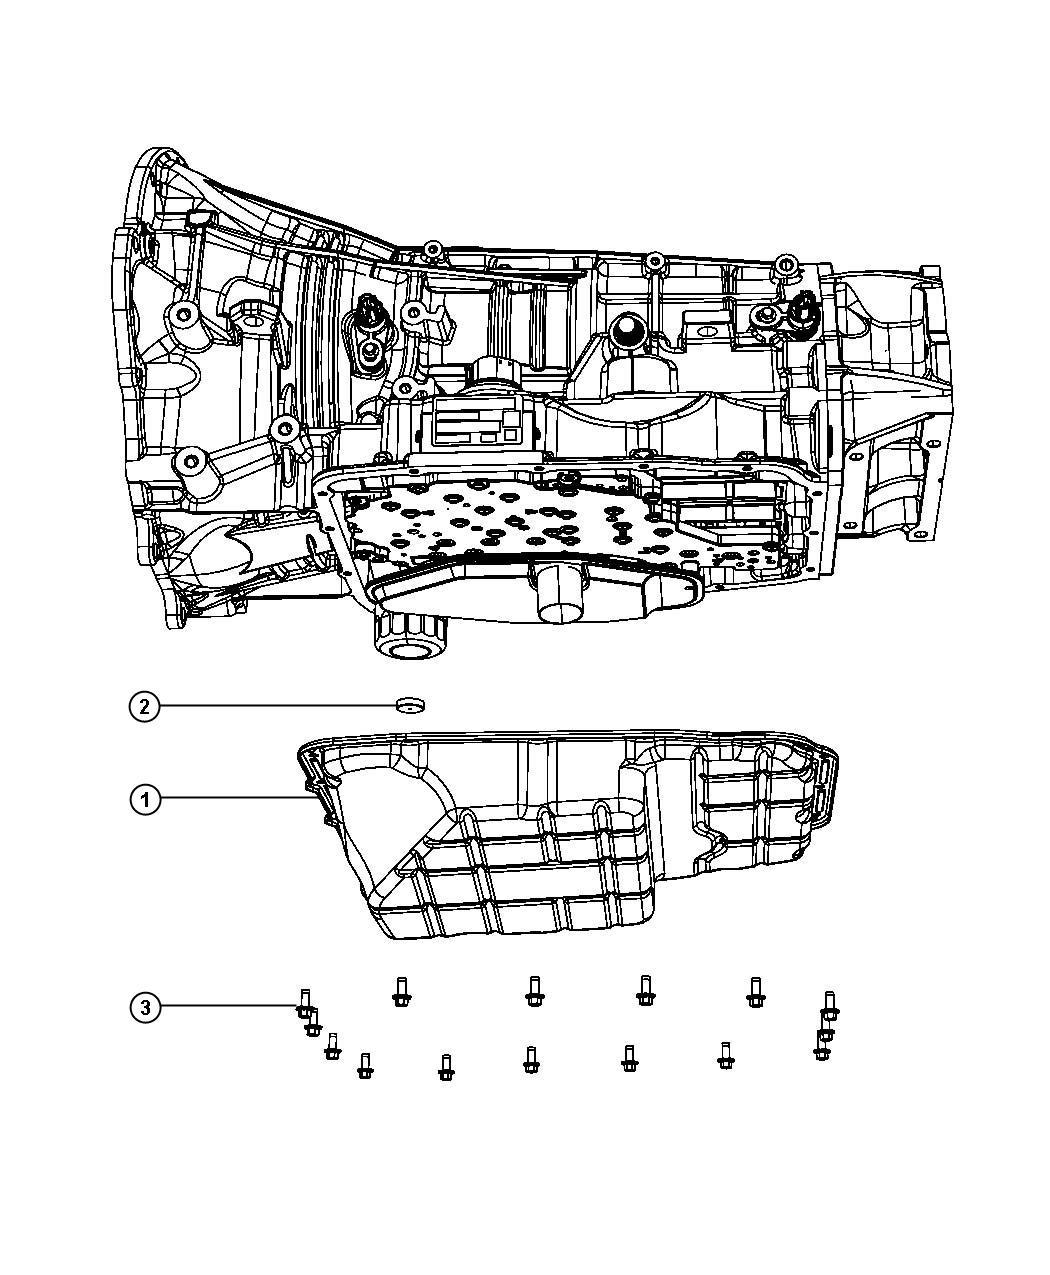 Dodge Ram 2500 Bolt. Hex flange head, hex head. M6x1.00x14